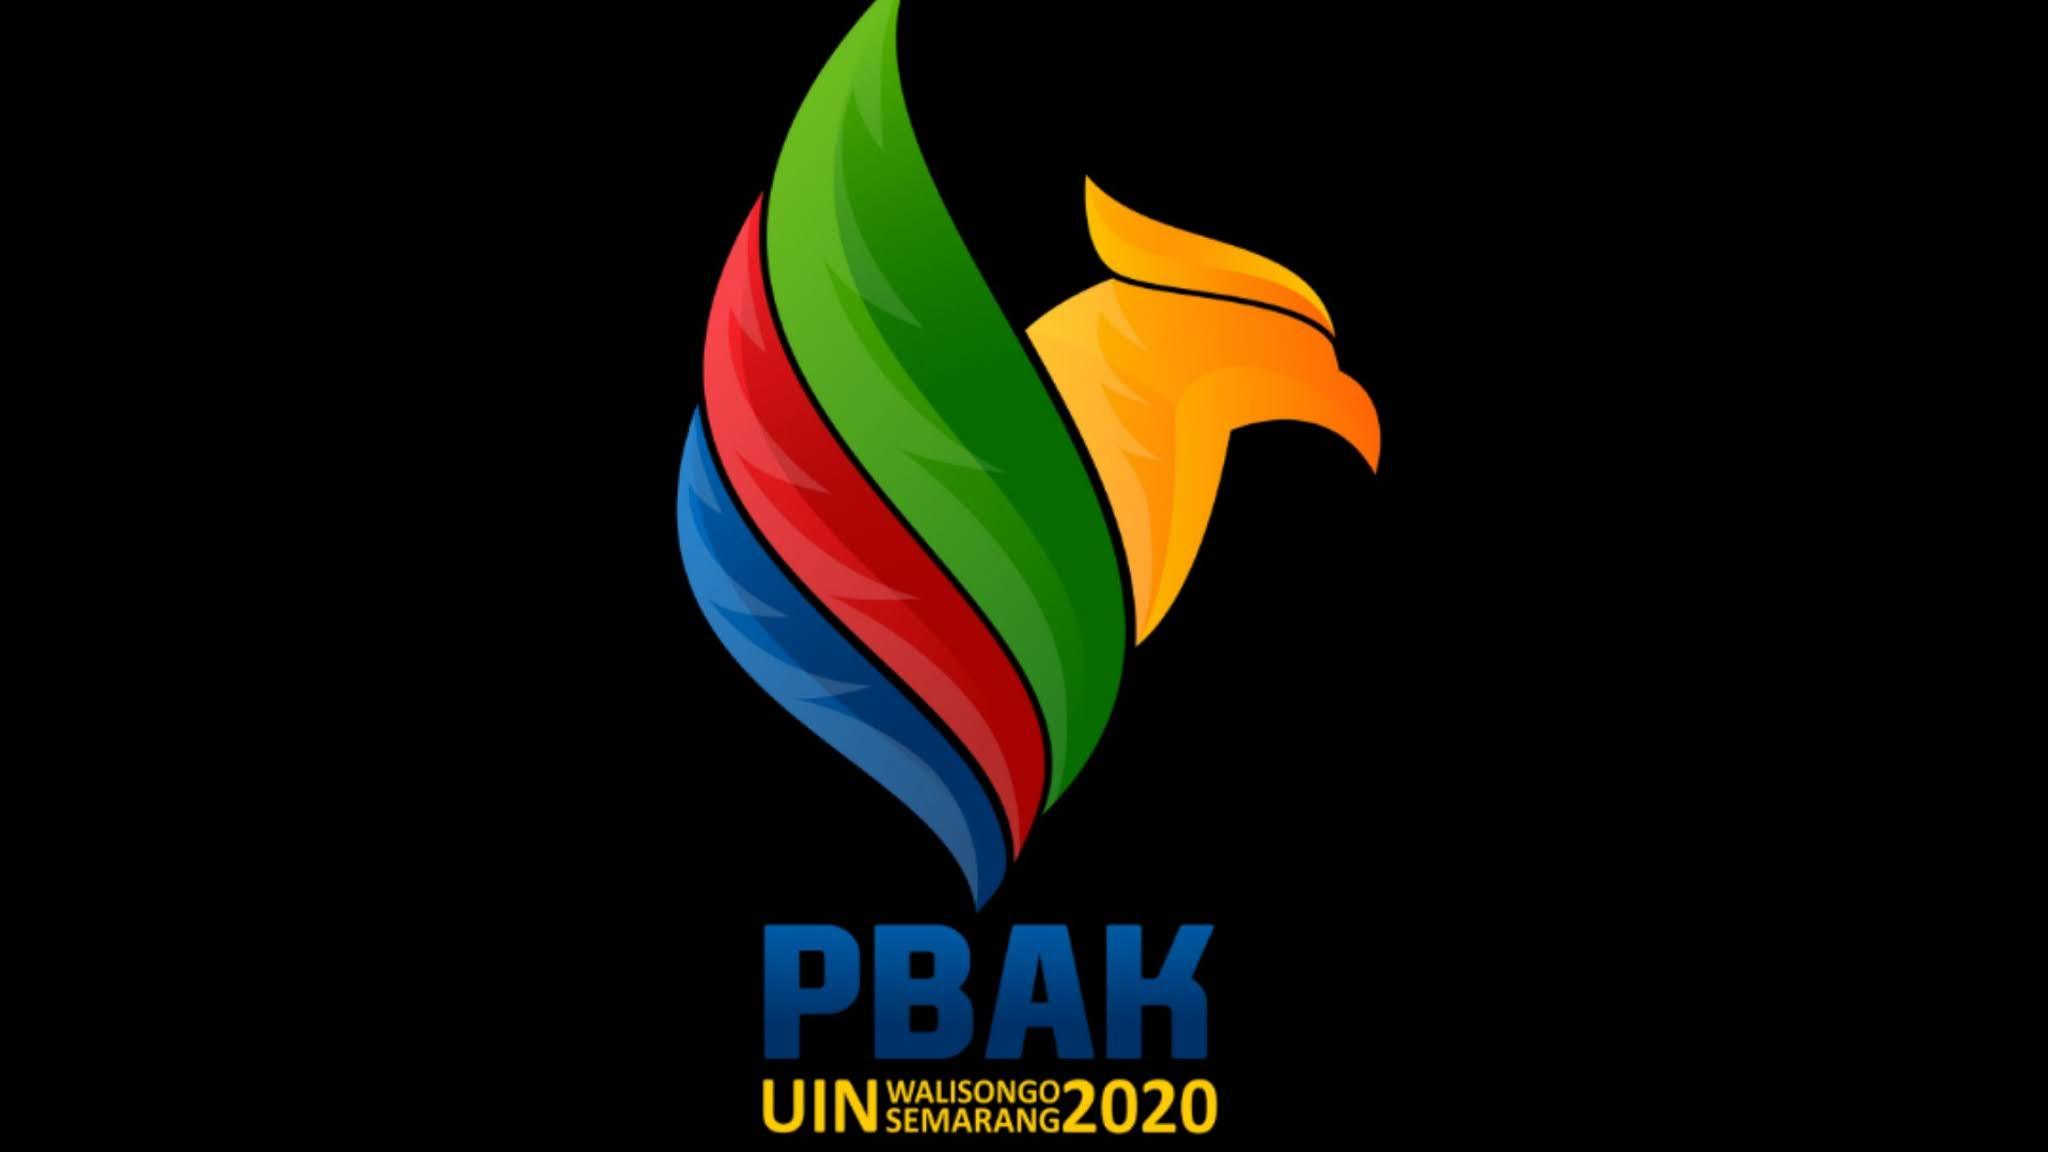 PBAK UIN Walisongo 2020